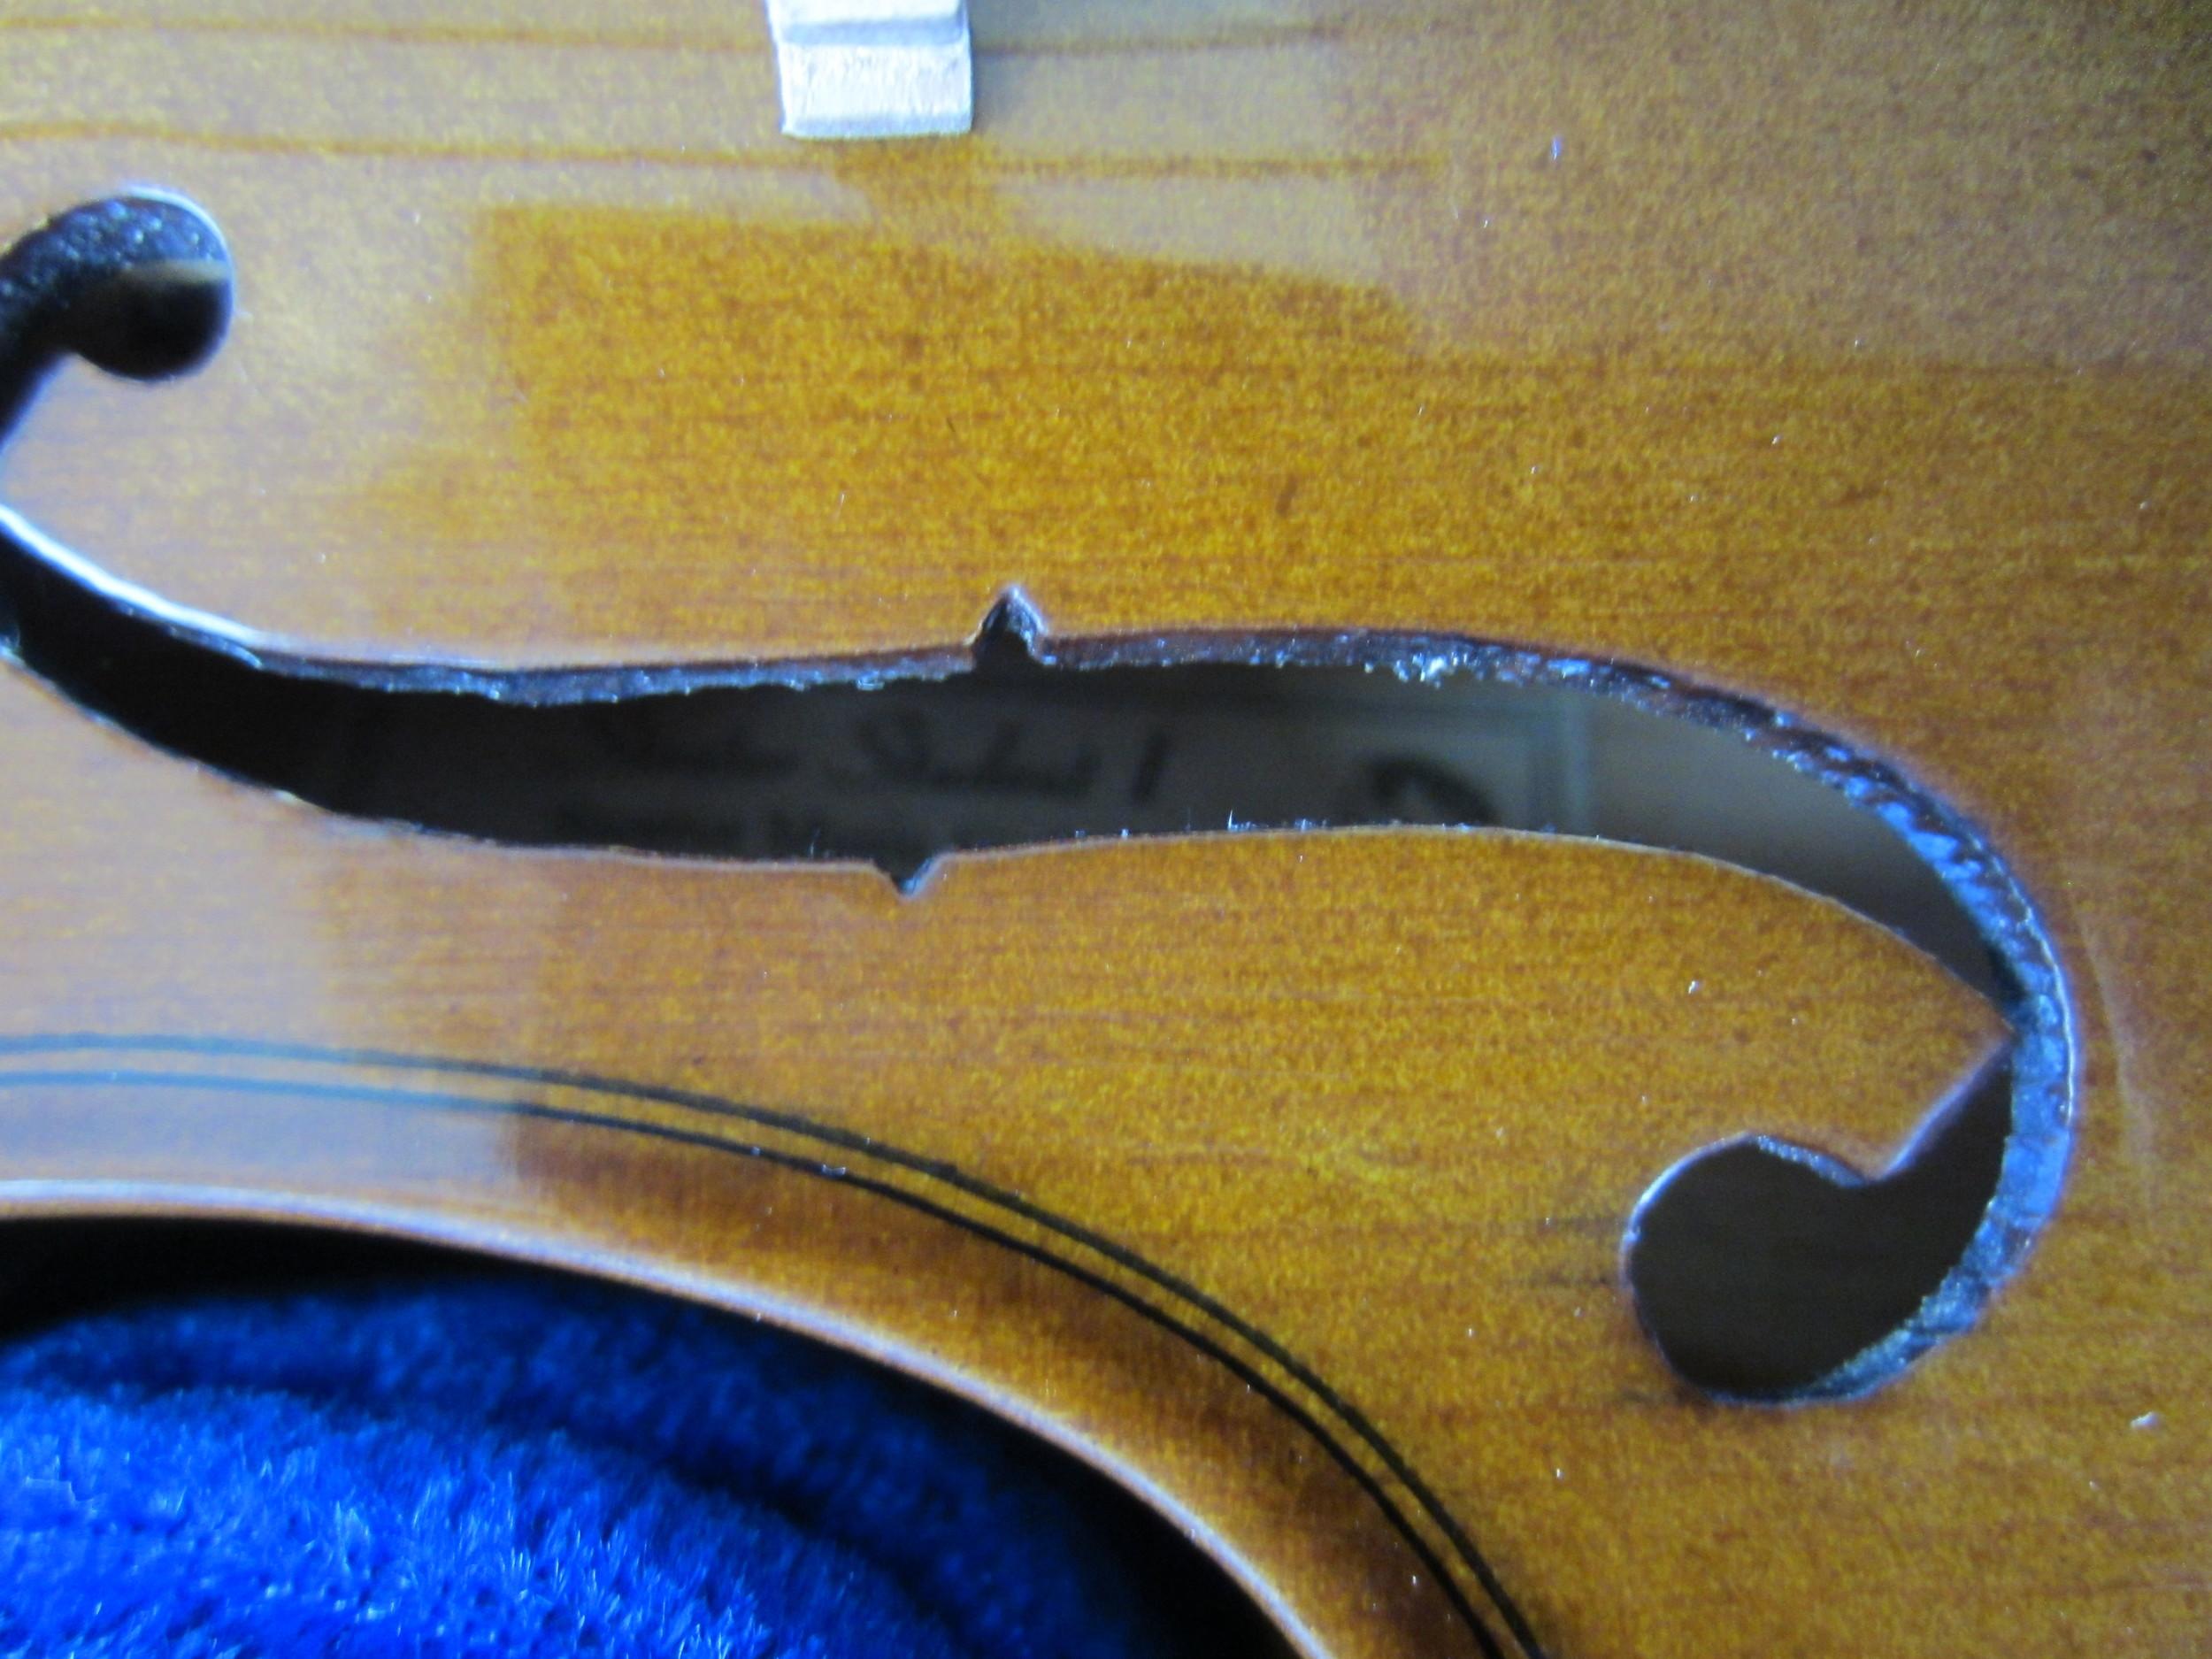 Stentor Violin Brand Label